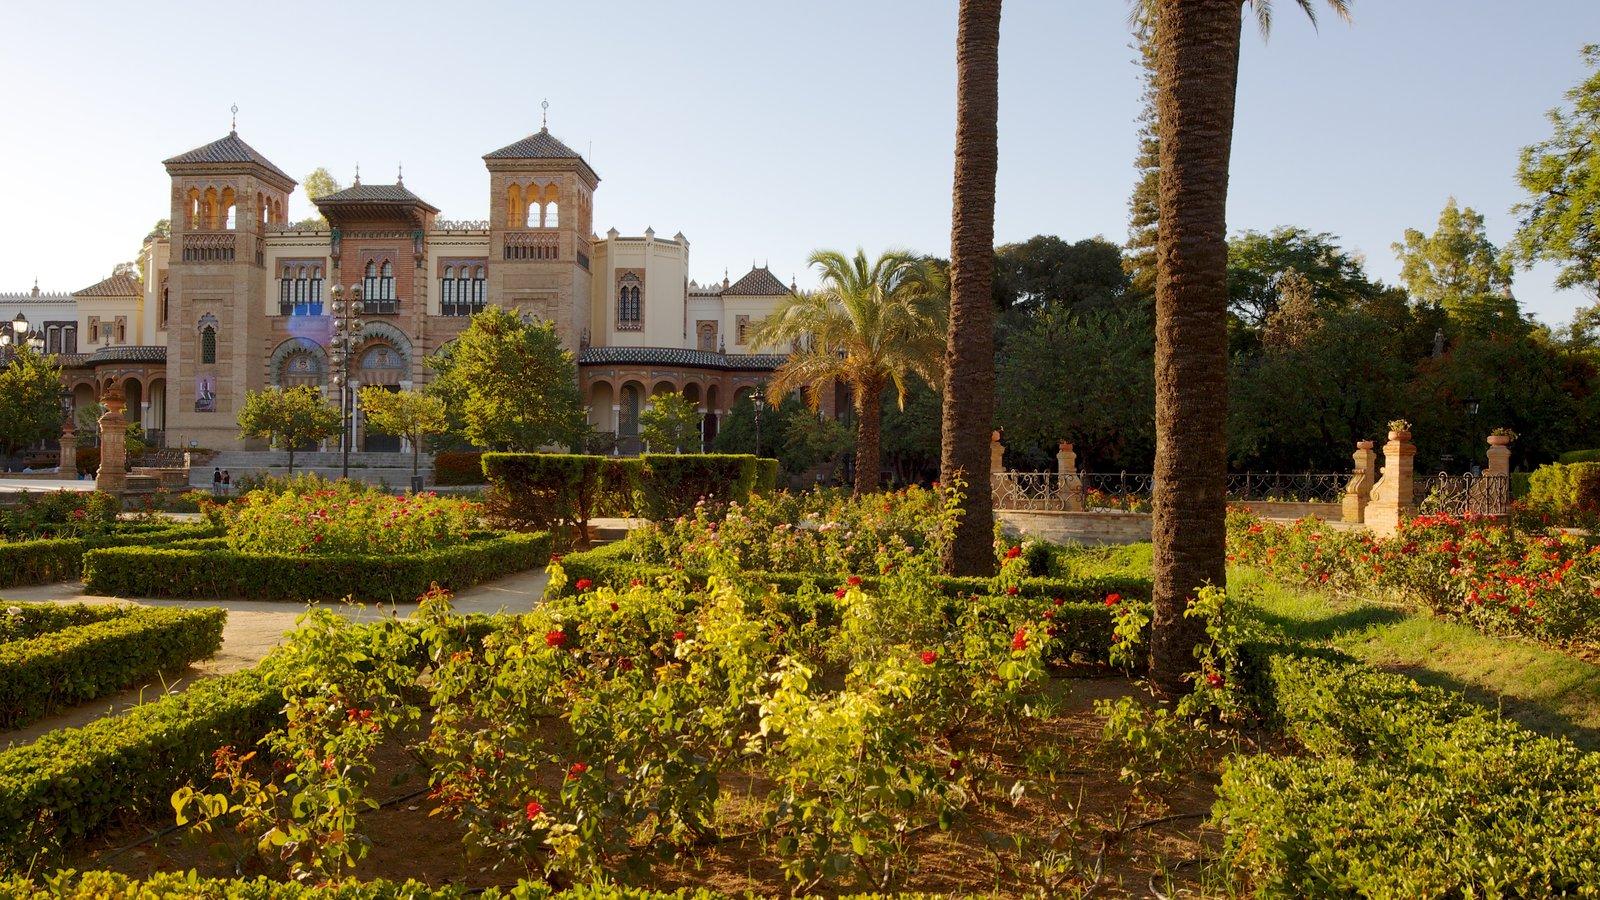 Parque de María Luisa que inclui um parque, arquitetura de patrimônio e um pequeno castelo ou palácio